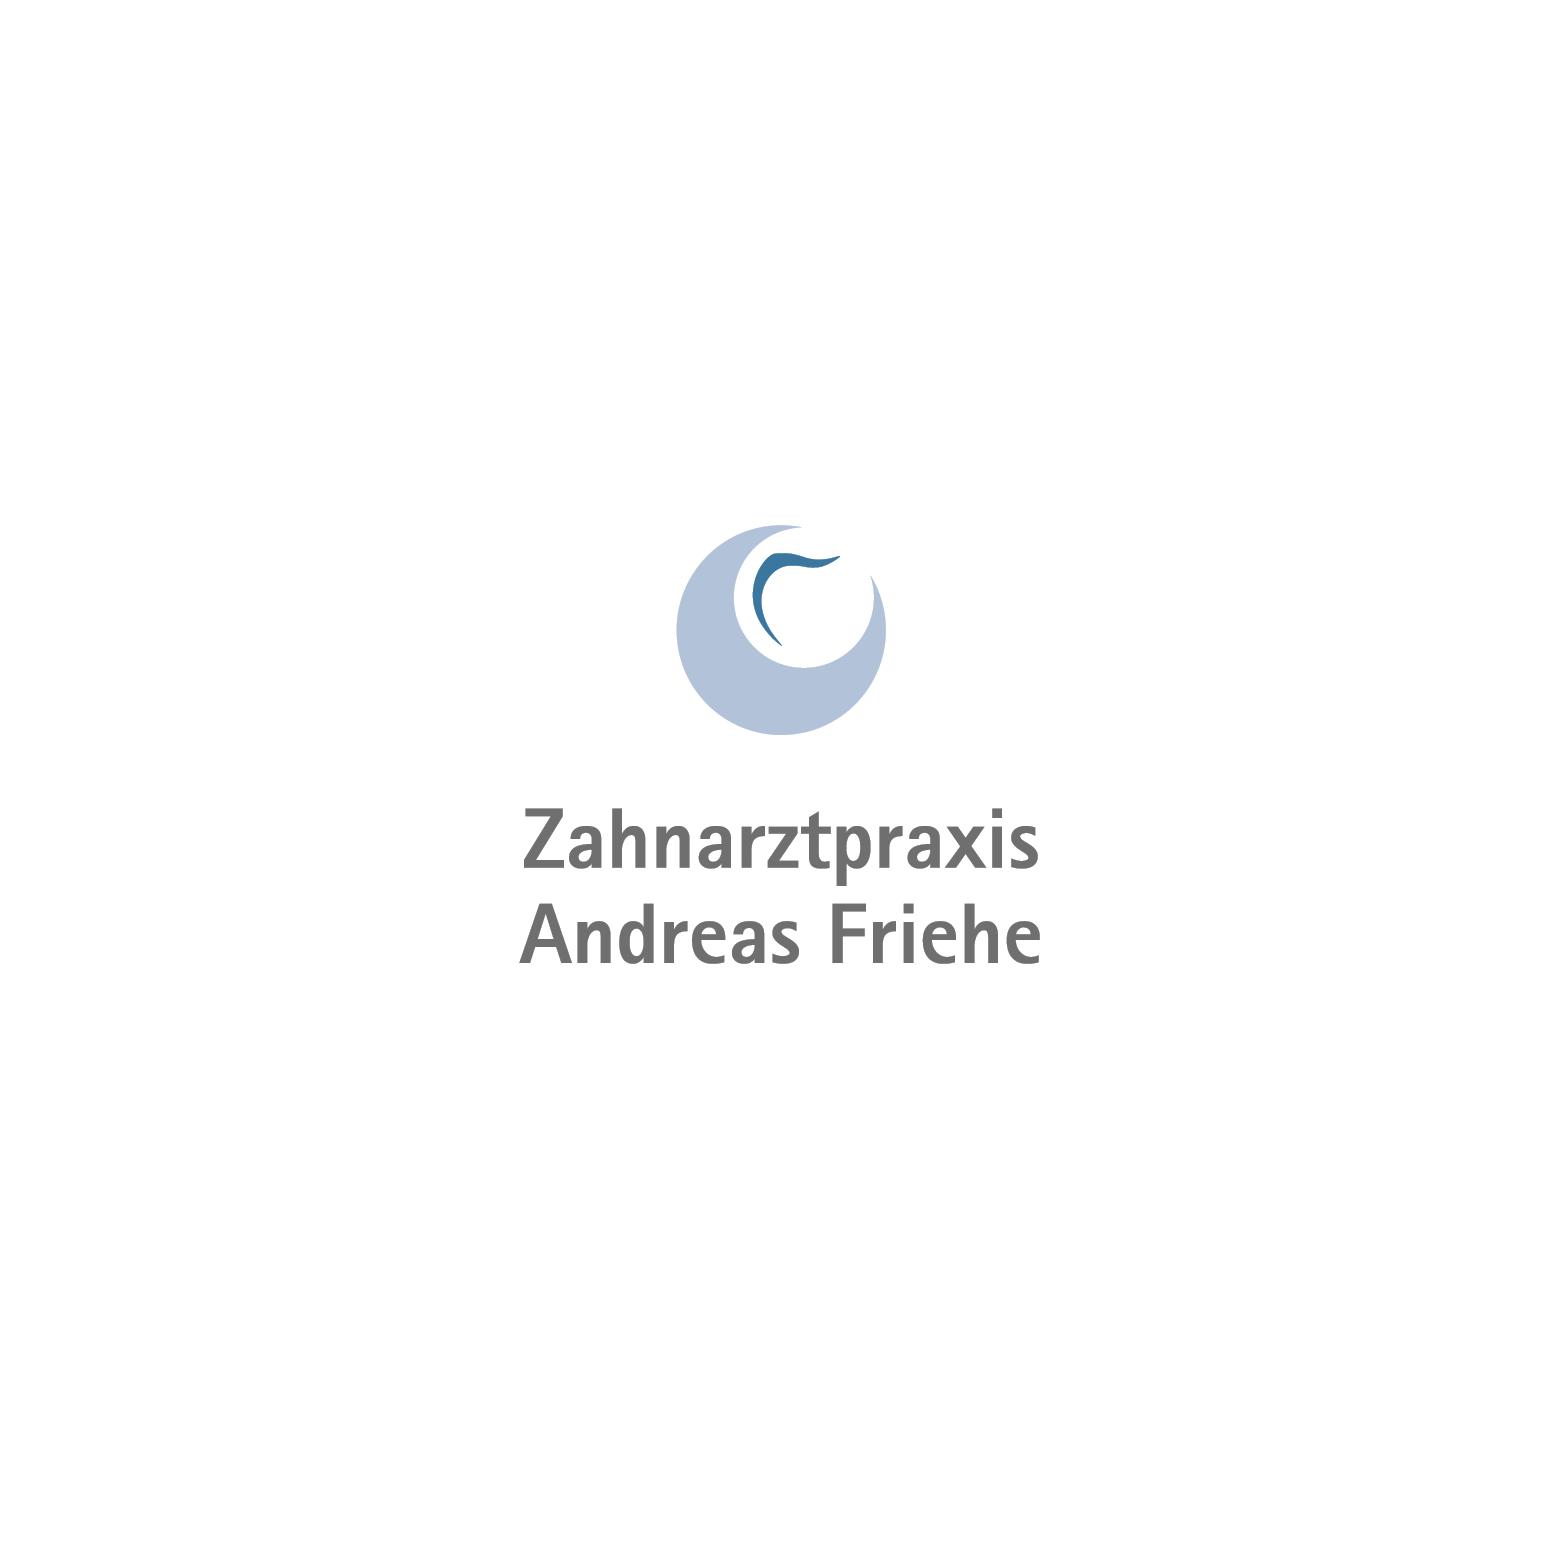 Bild zu Zahnarztpraxis Andreas Friehe in Hage in Ostfriesland